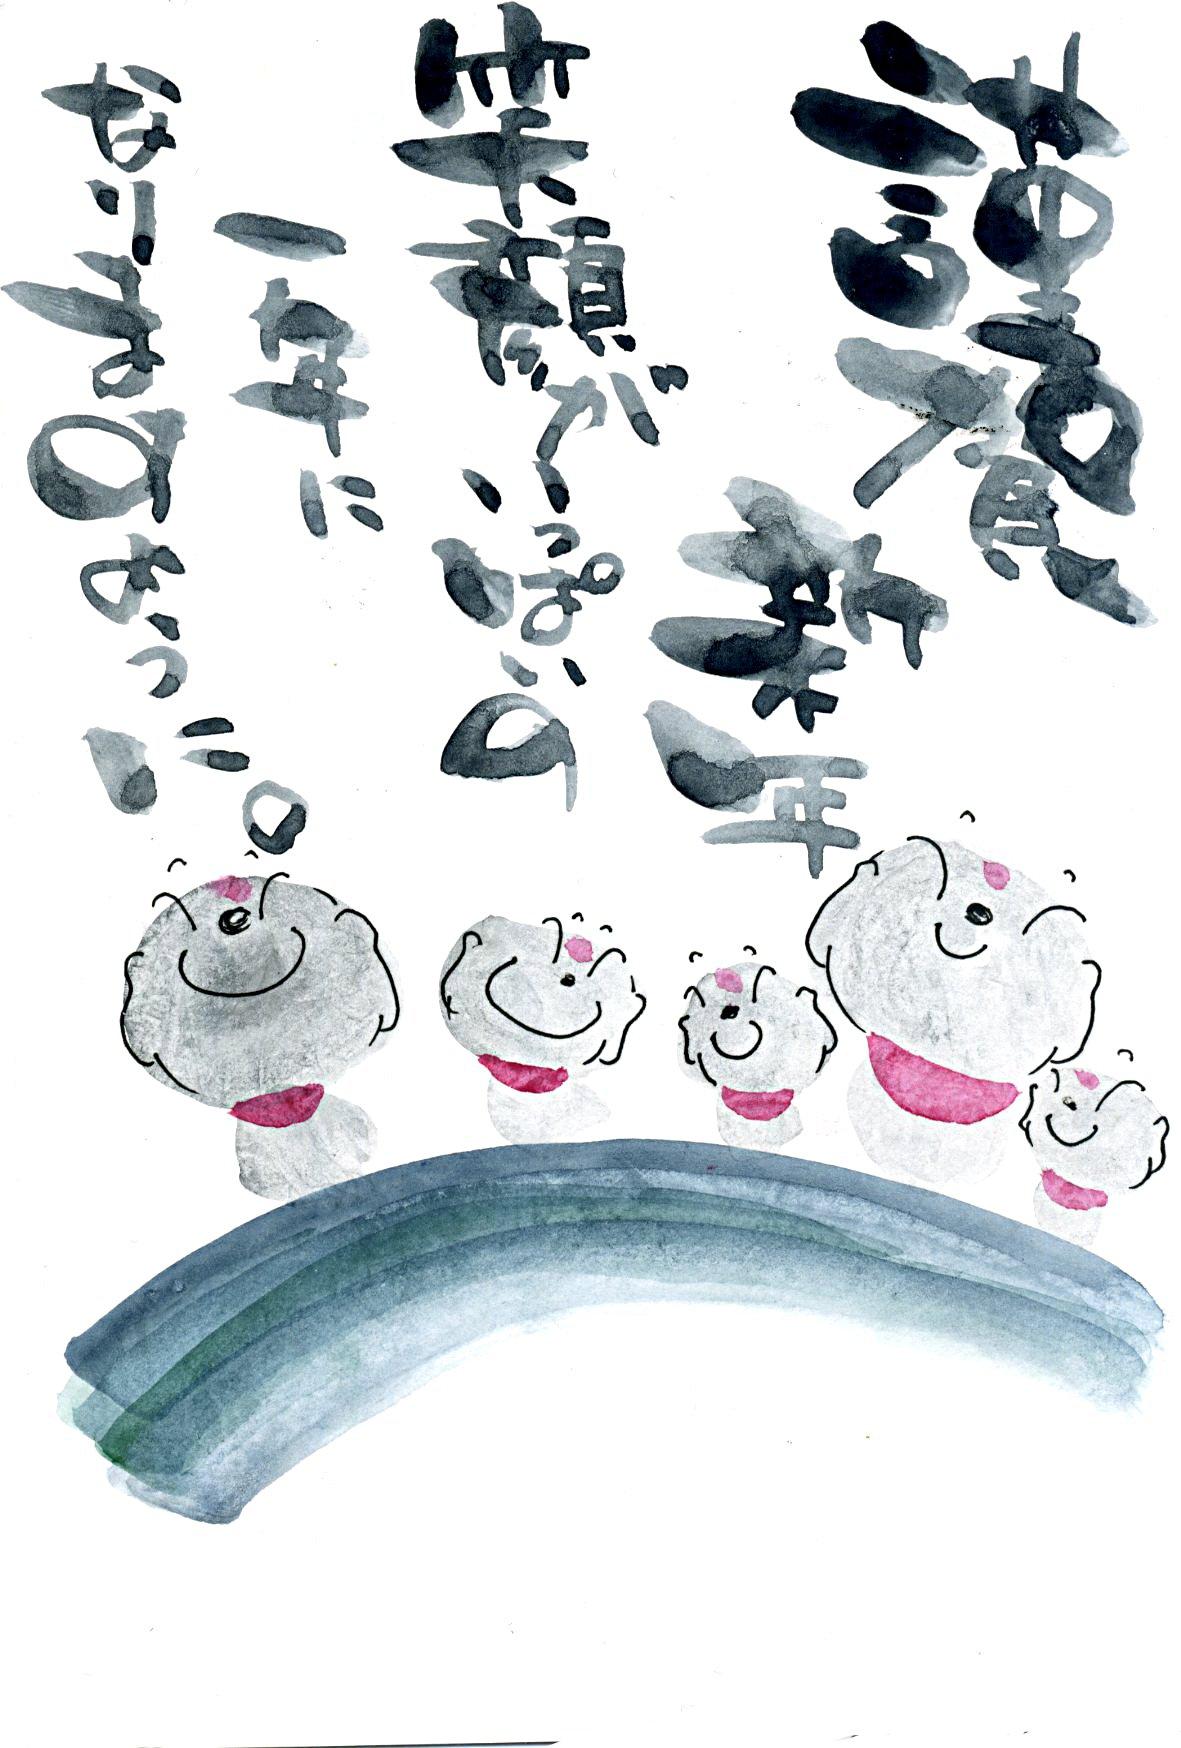 筆文字年賀状賀詞とお地蔵さんのイラスト - 筆文字の年賀状賀詞素材「筆